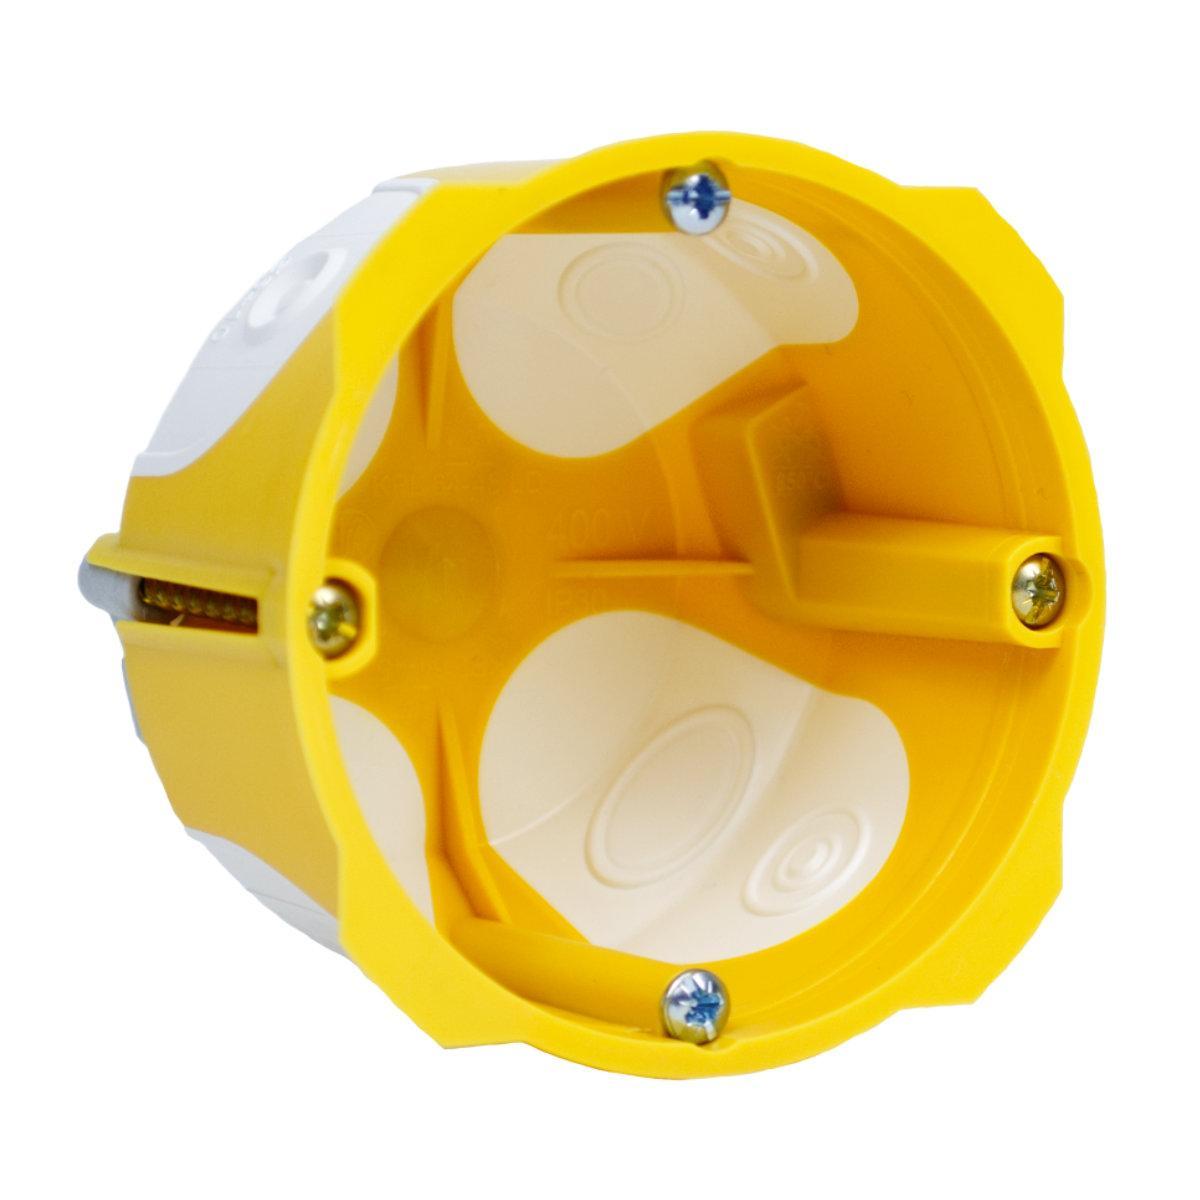 Коробка приладова з еластичними вводами ПВХ; Жовта; Ø68х45мм